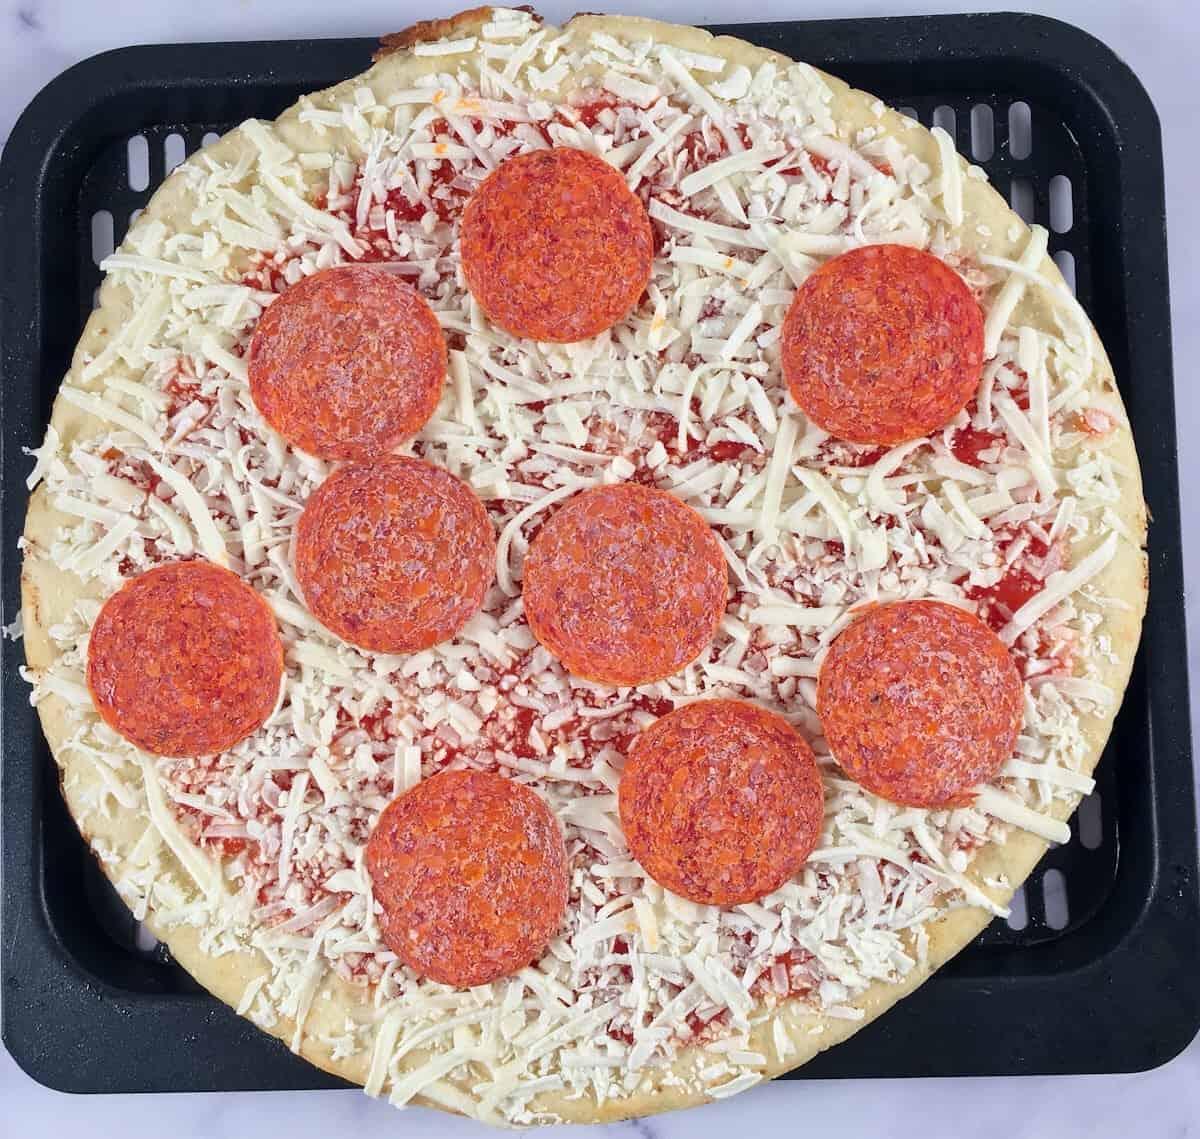 frozen pizza in air fryer tray